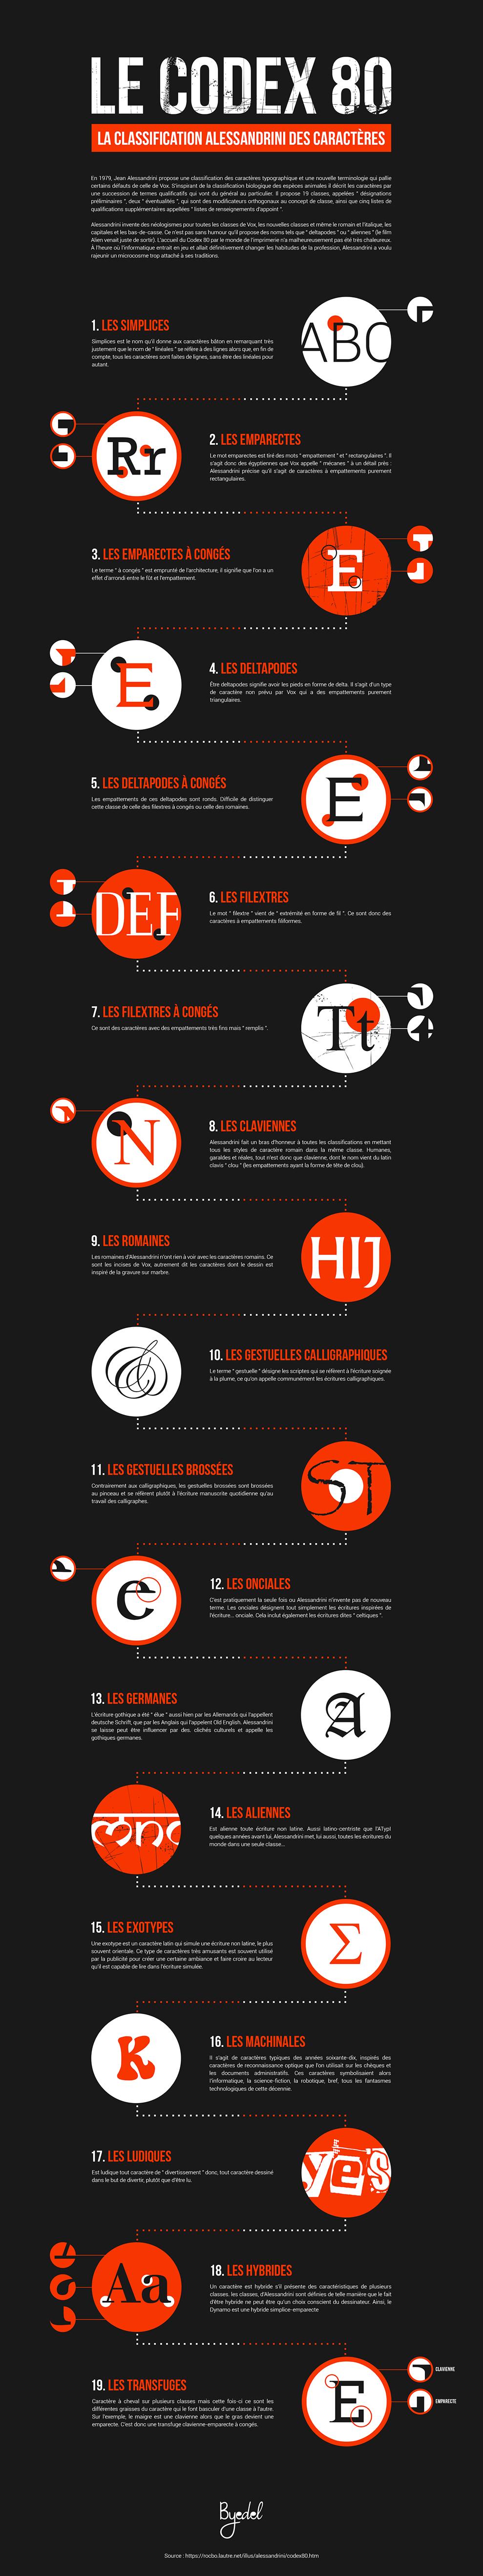 byedel-infographic-codex80-alessandrini